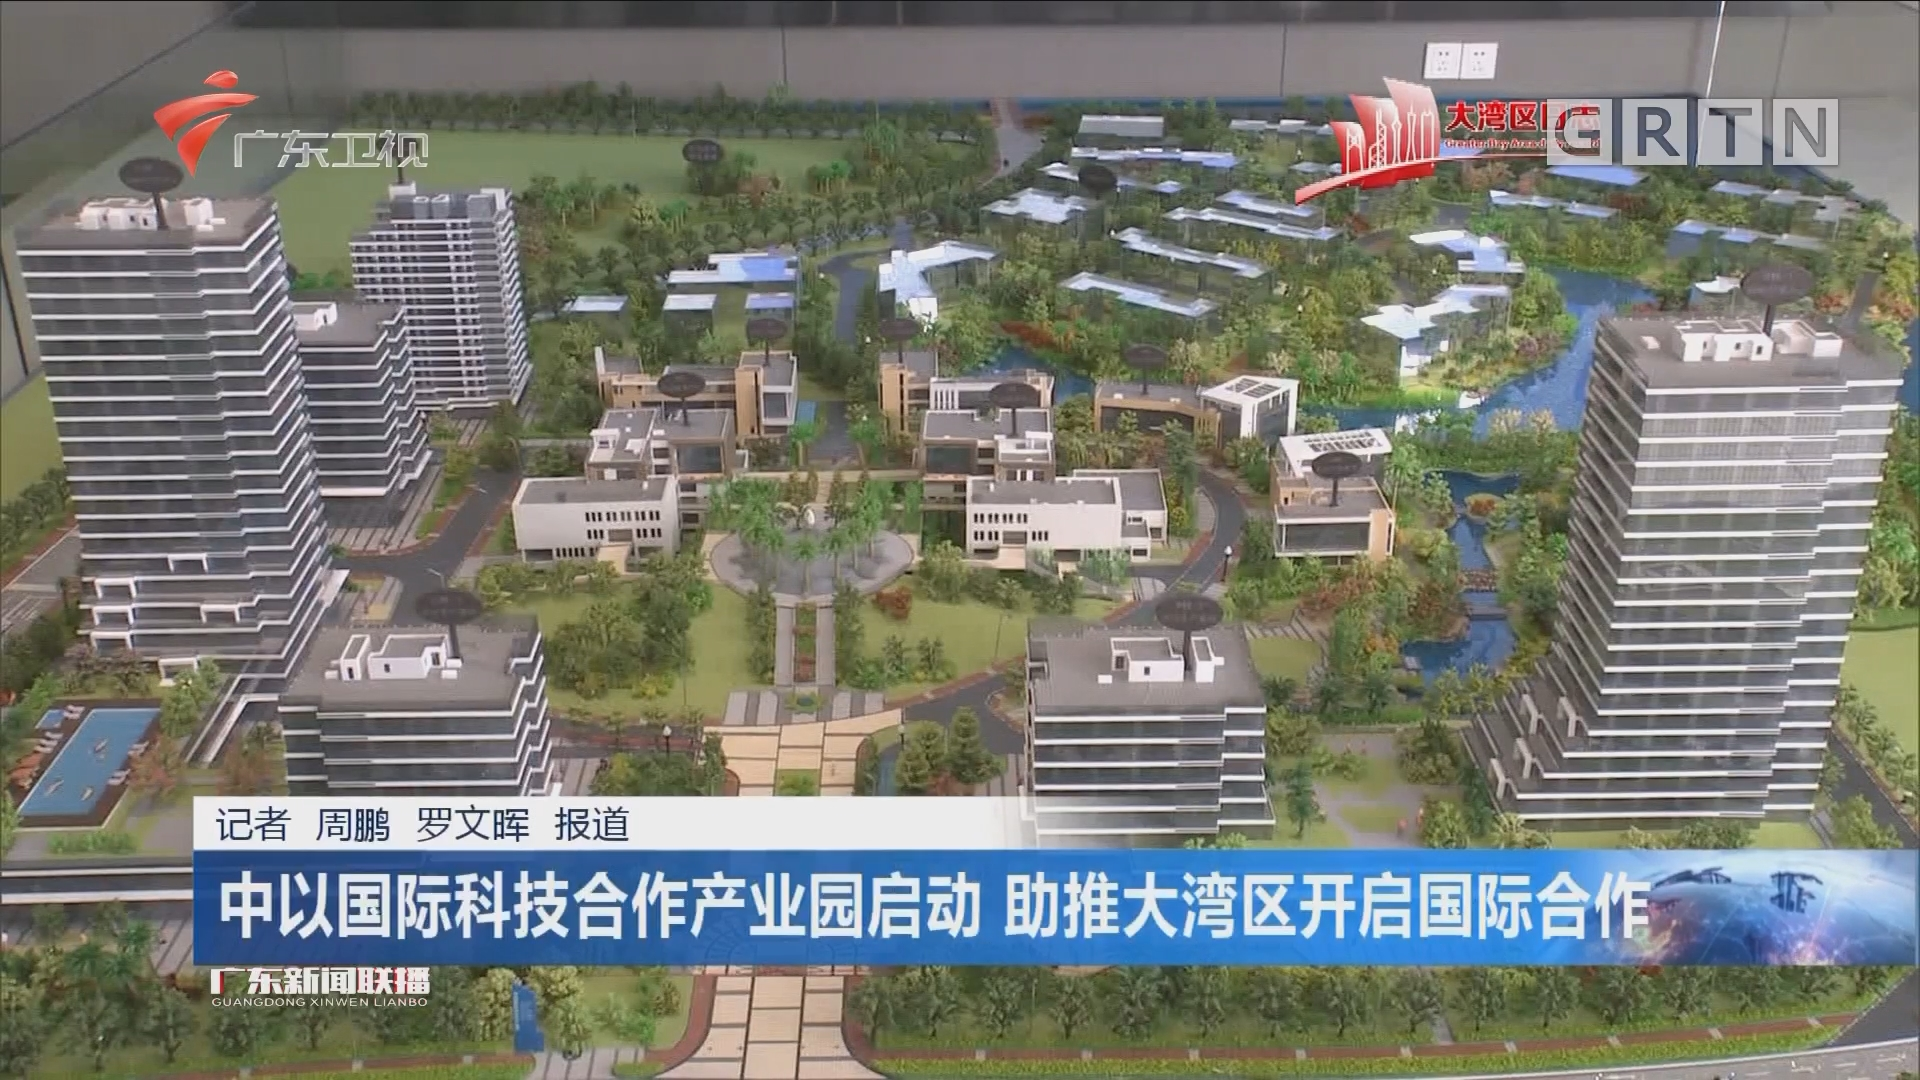 中以国际科技合作产业园启动 助推大湾区开启国际合作